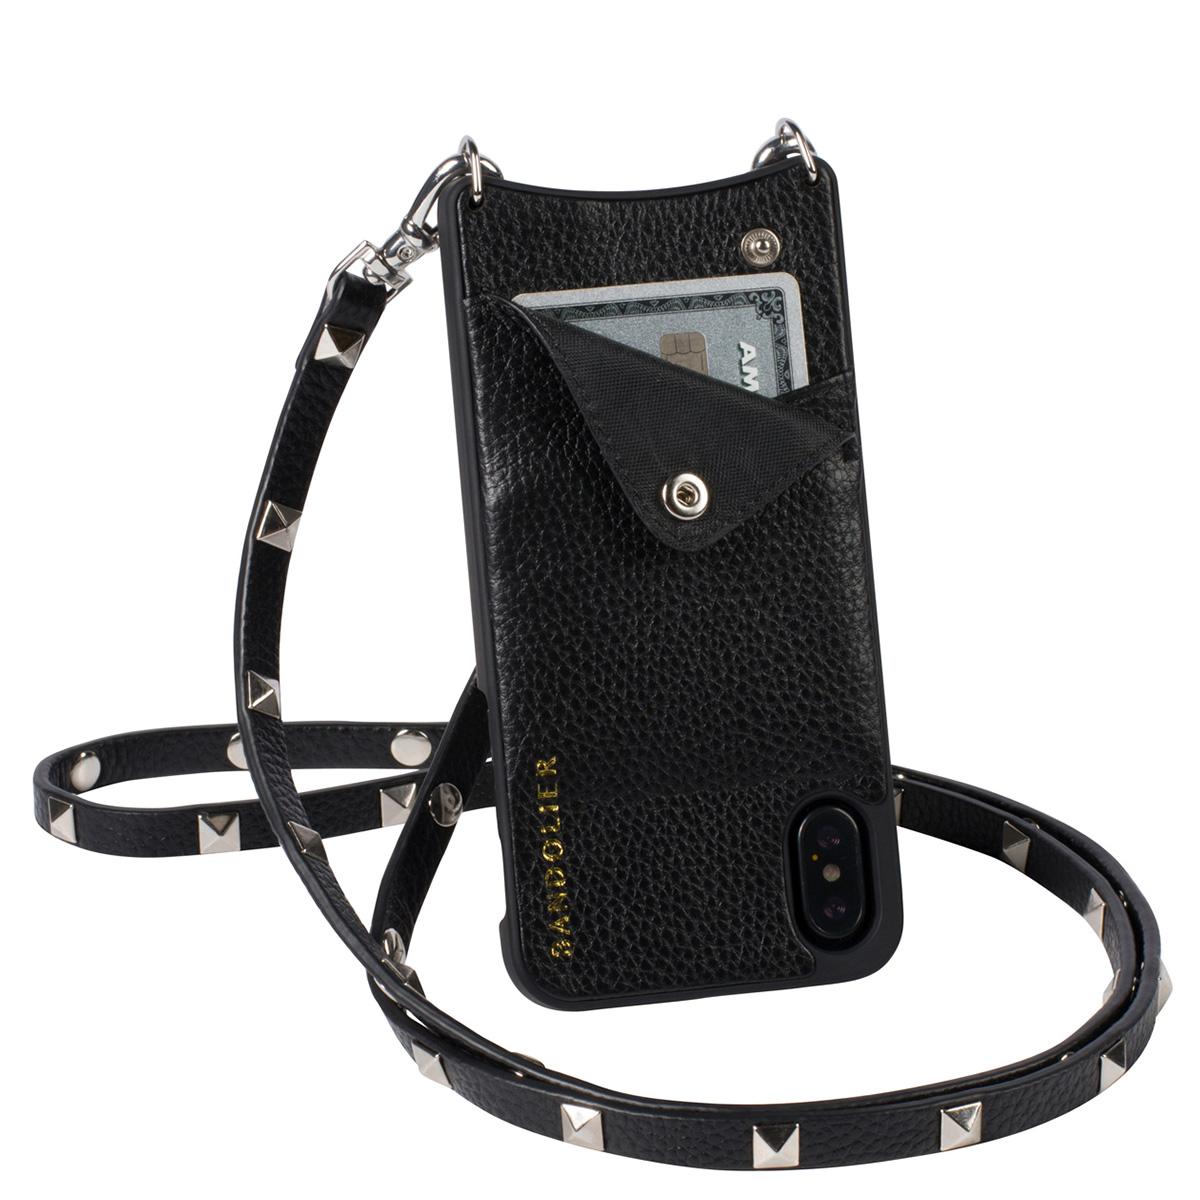 BANDOLIER iPhone XS MAX SARAH SILVER バンドリヤー ケース ショルダー スマホ アイフォン レザー メンズ レディース ブラック 10SAR1001